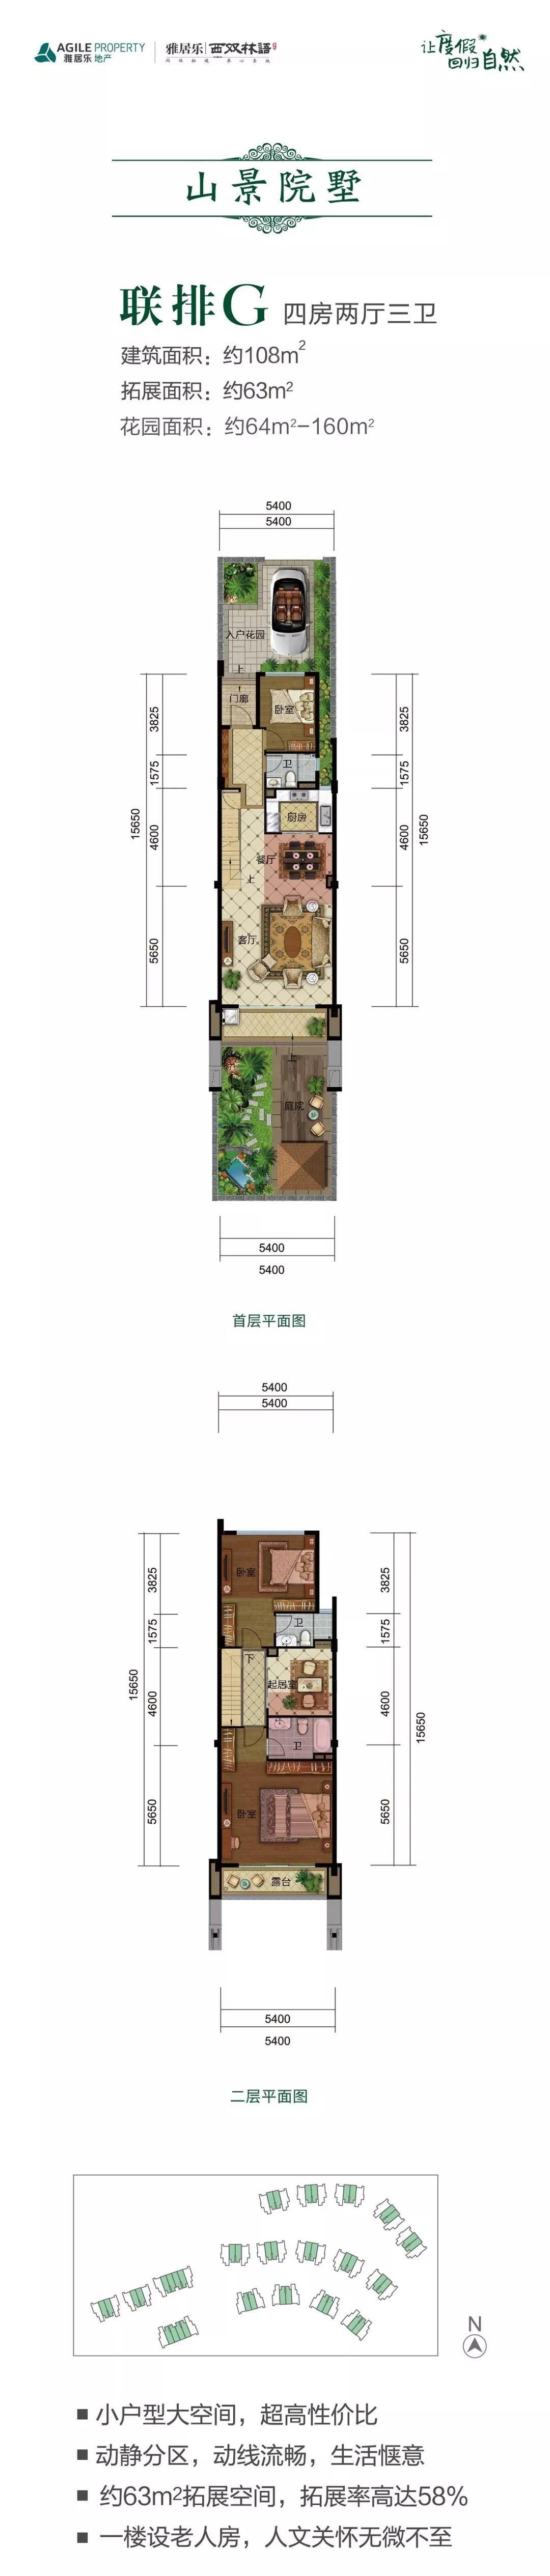 联排G 4室2厅3卫 建筑面积:108㎡